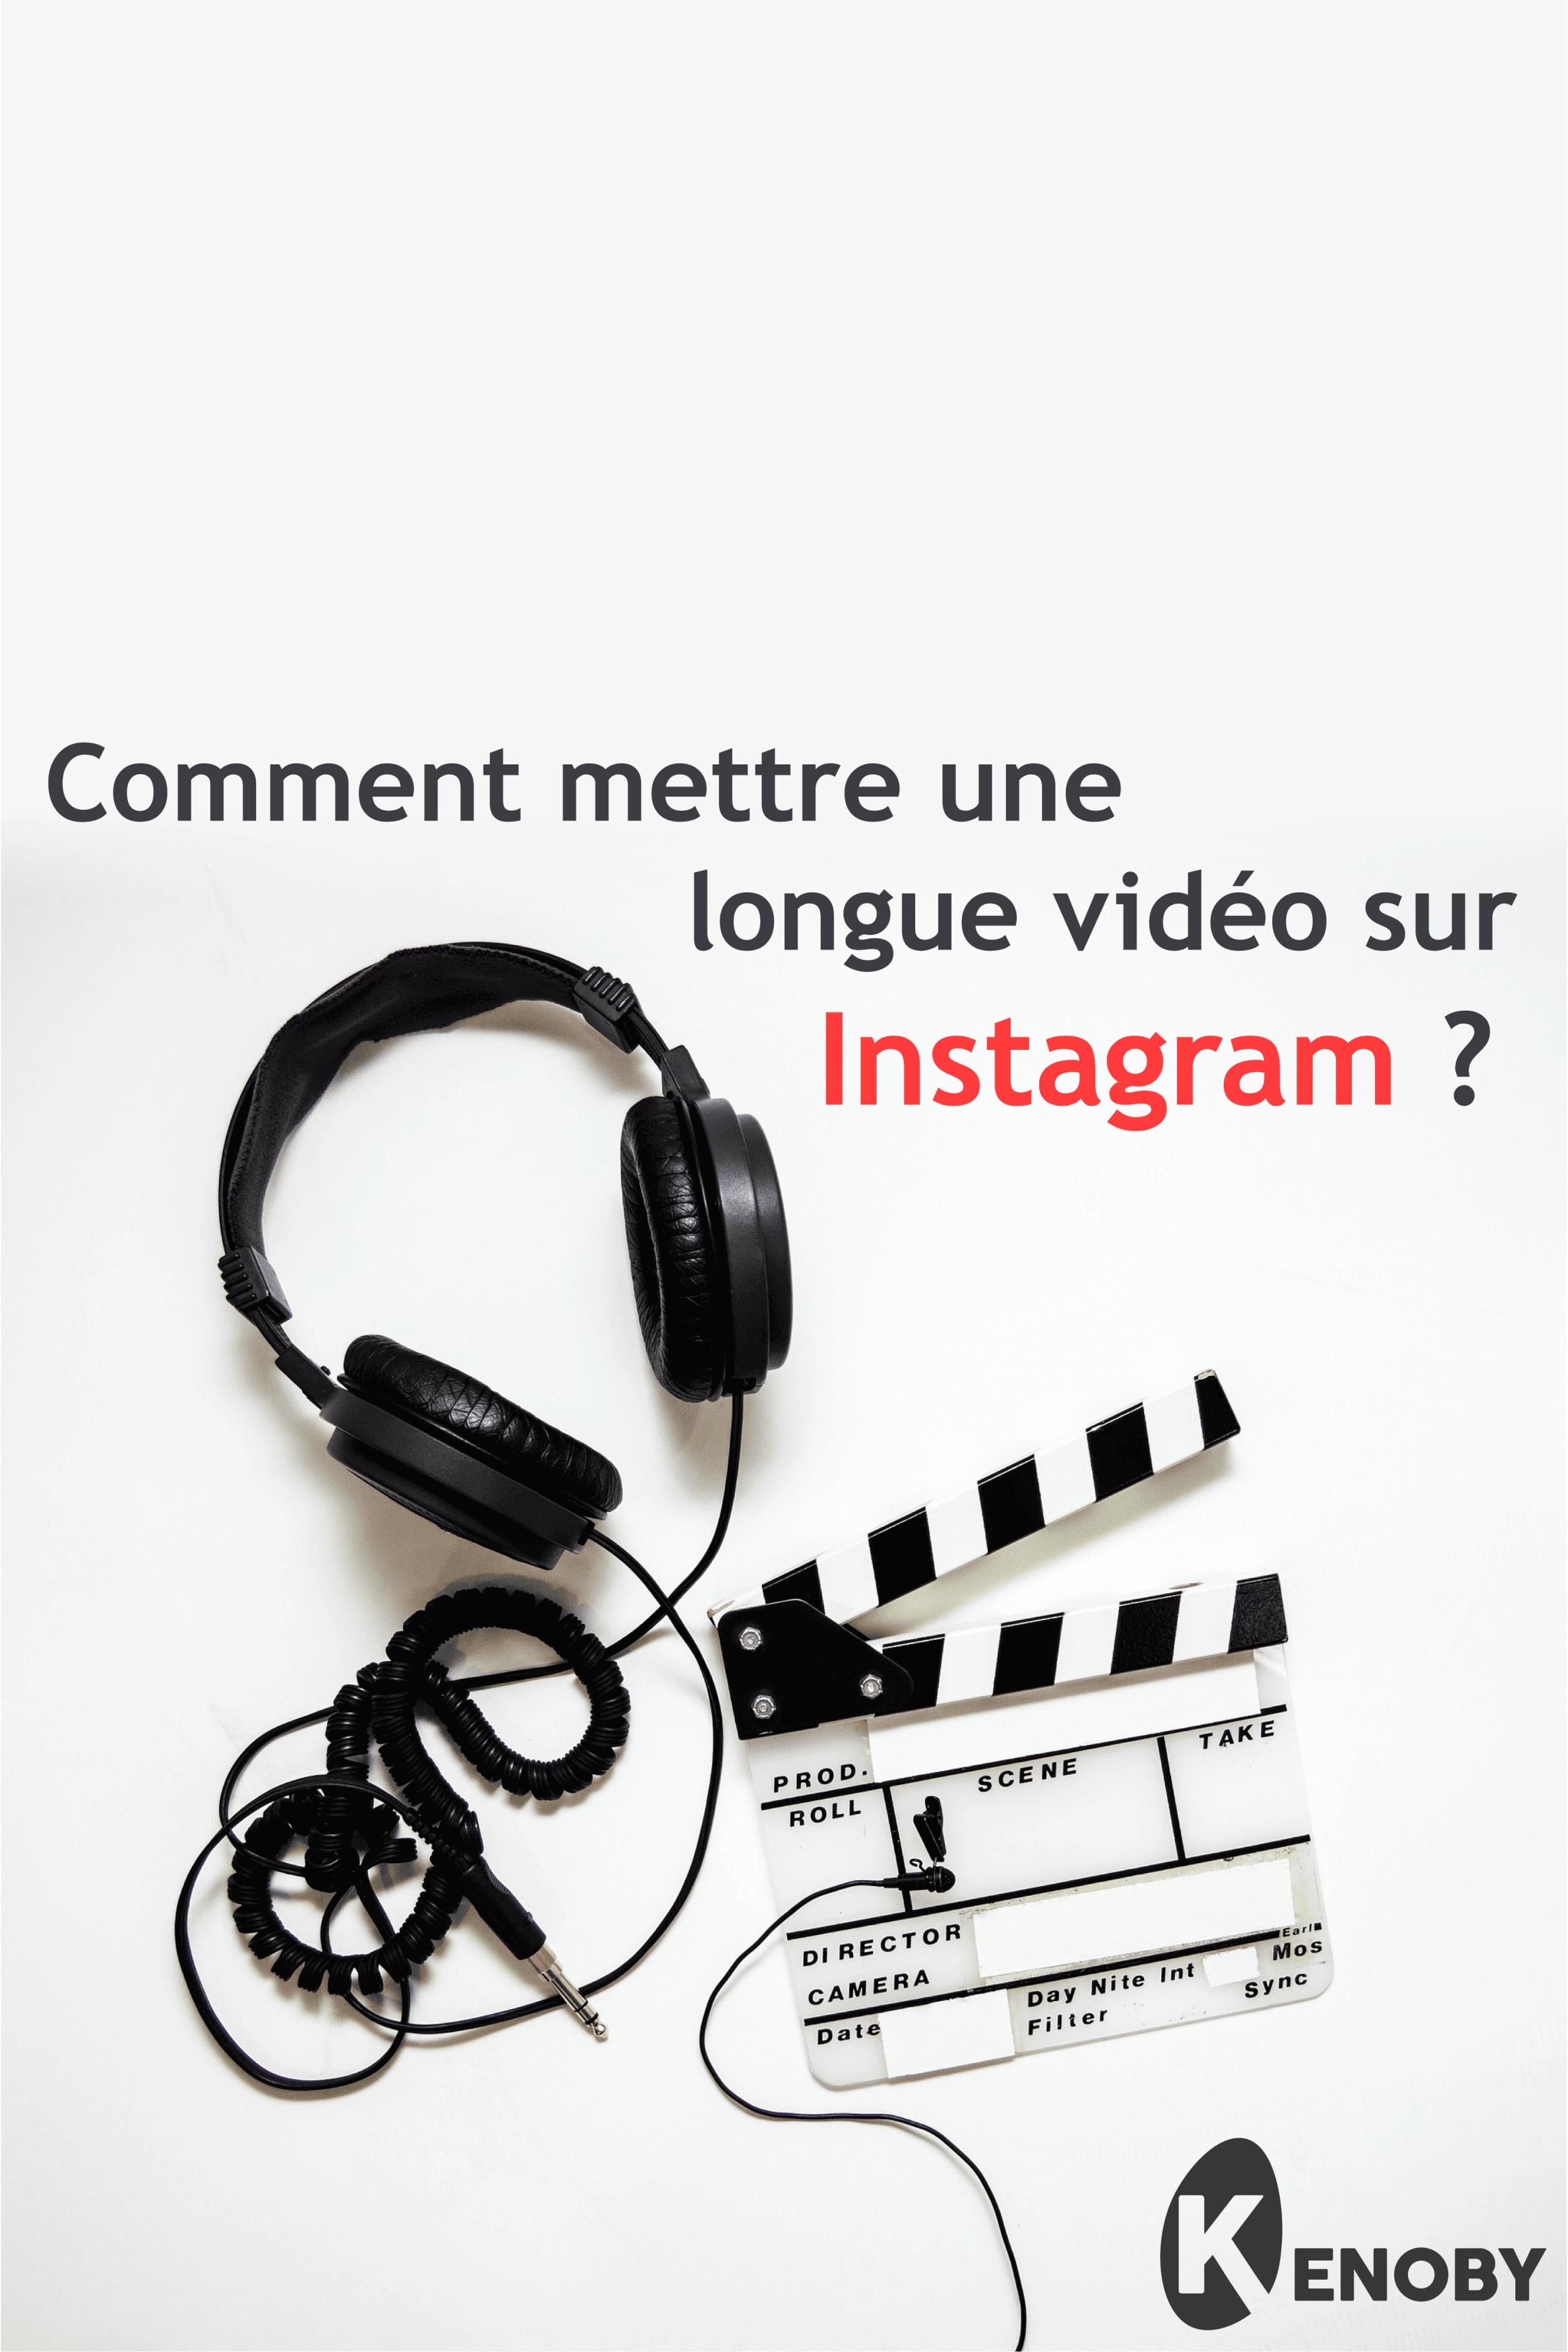 Comment mettre une longue vidéo sur instagram ?